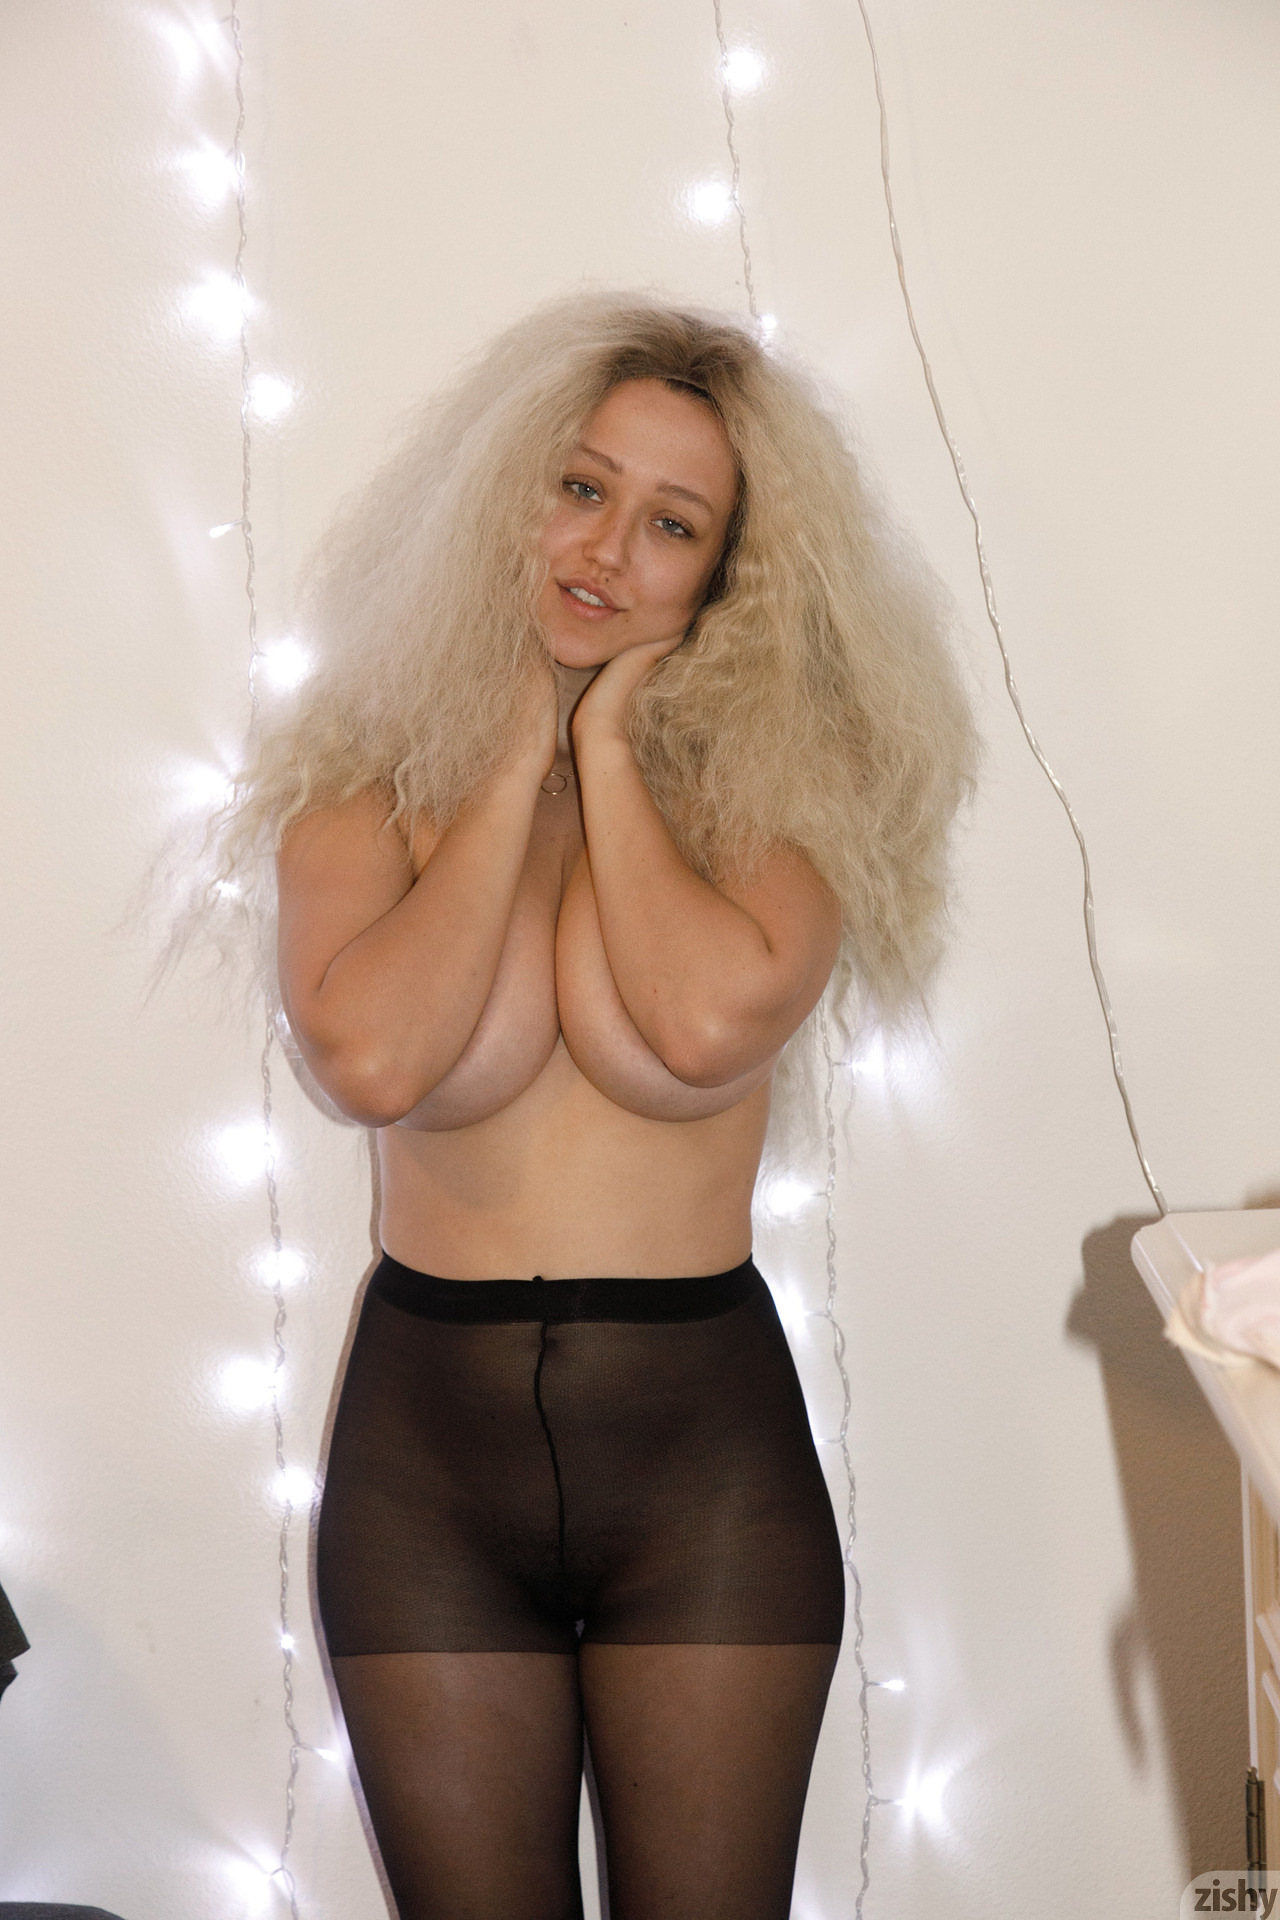 Sabrina Nichole Wigging Out Zishy (30)